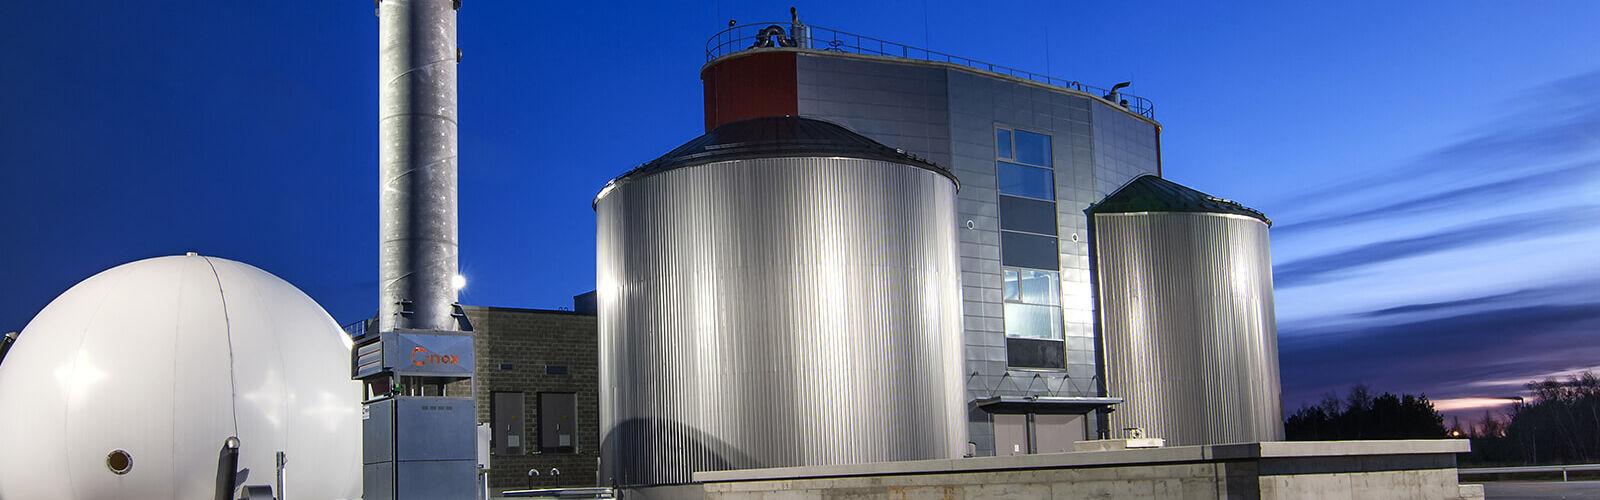 Kokkolan biogasplant